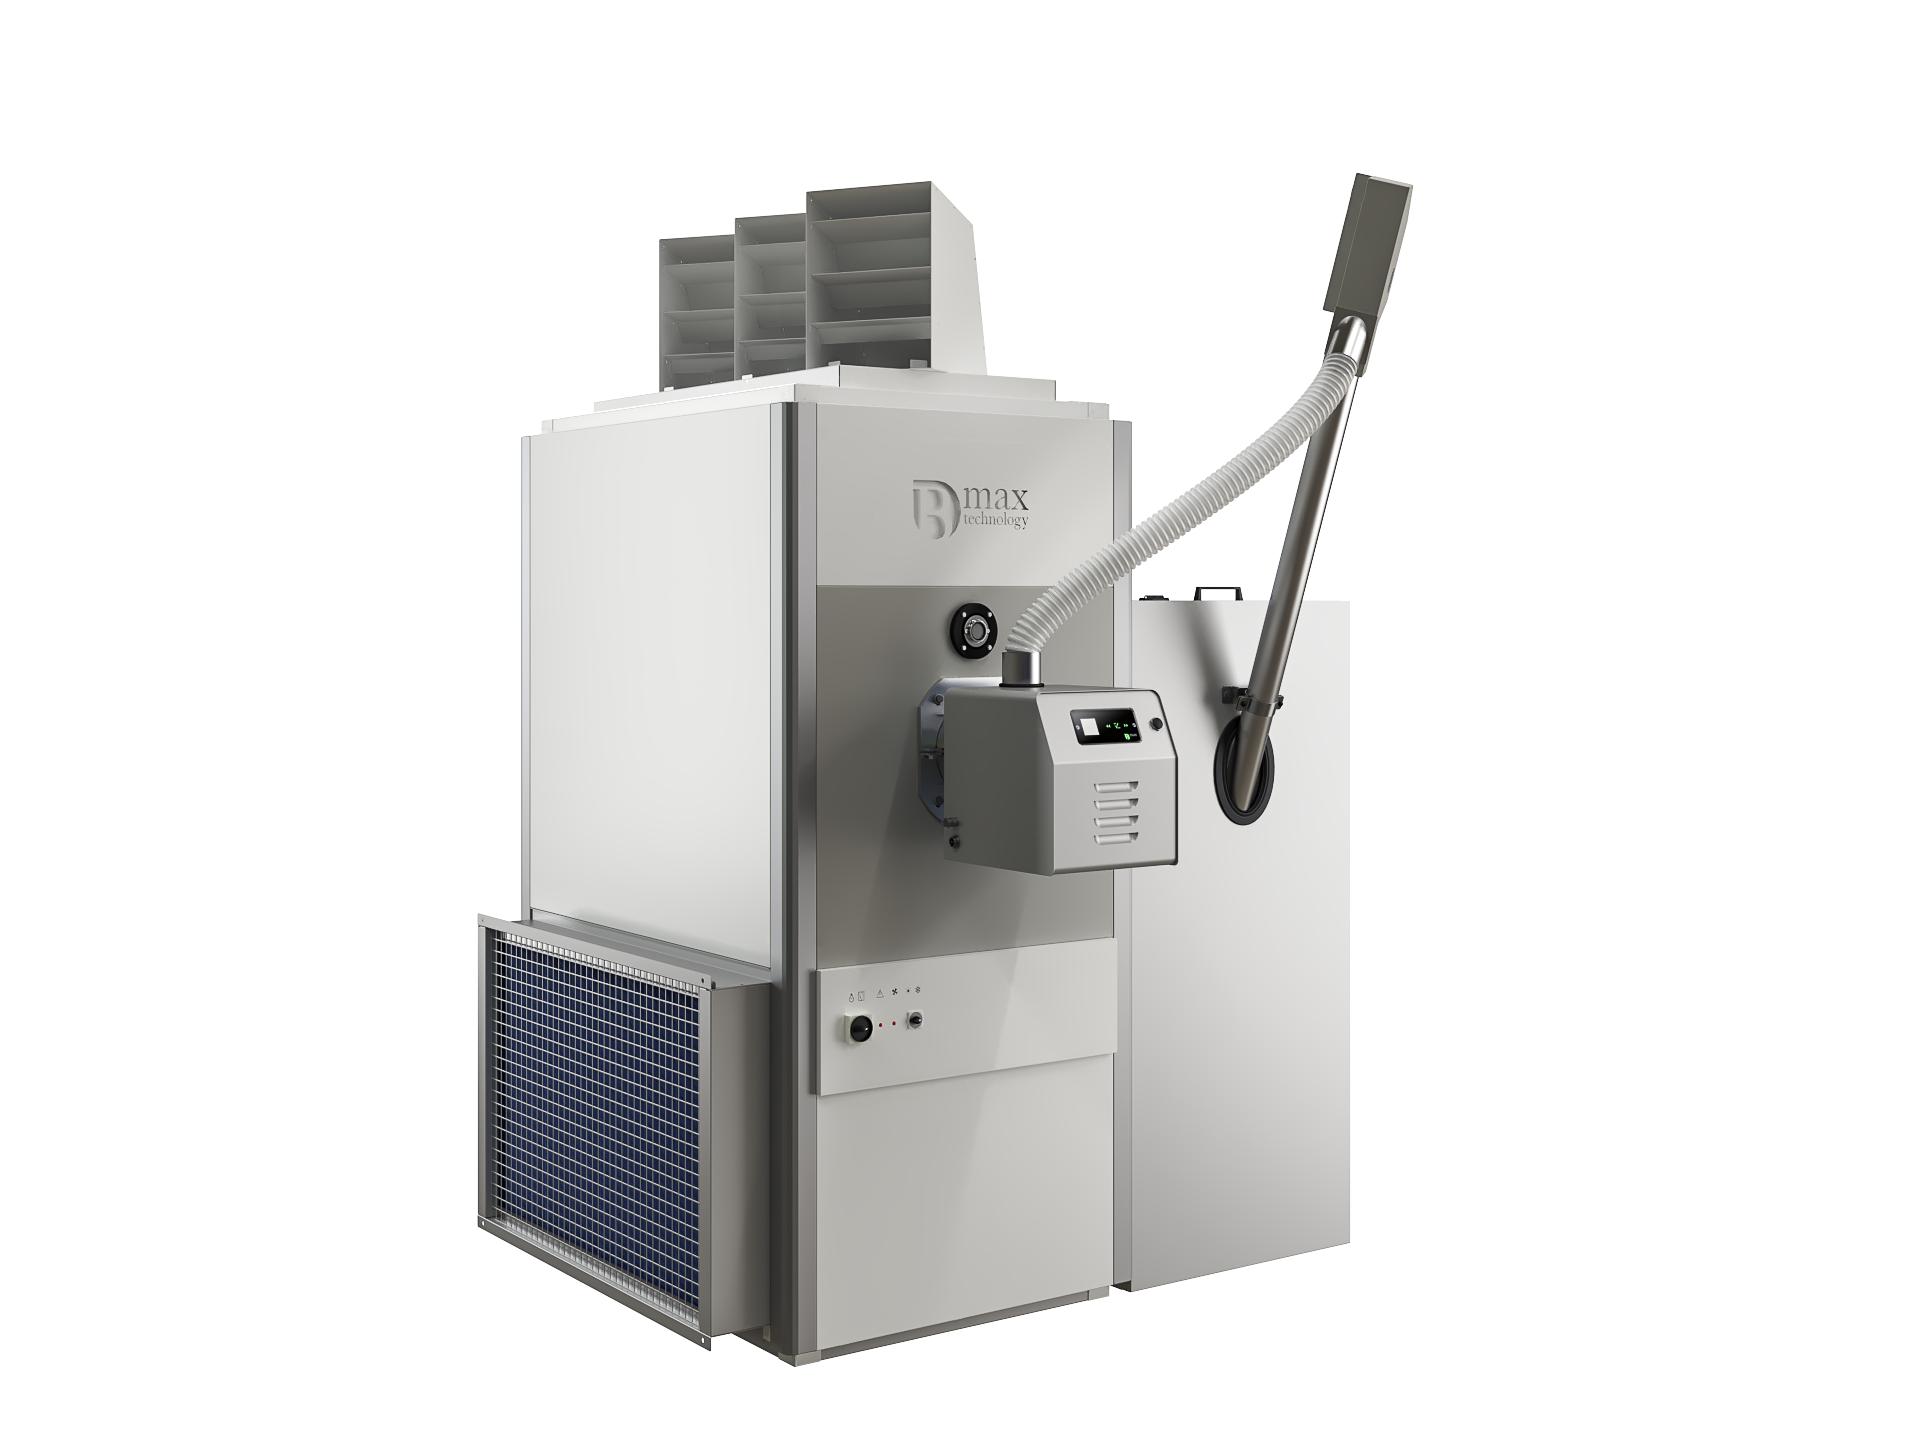 Generadores de aire caliente de pellets